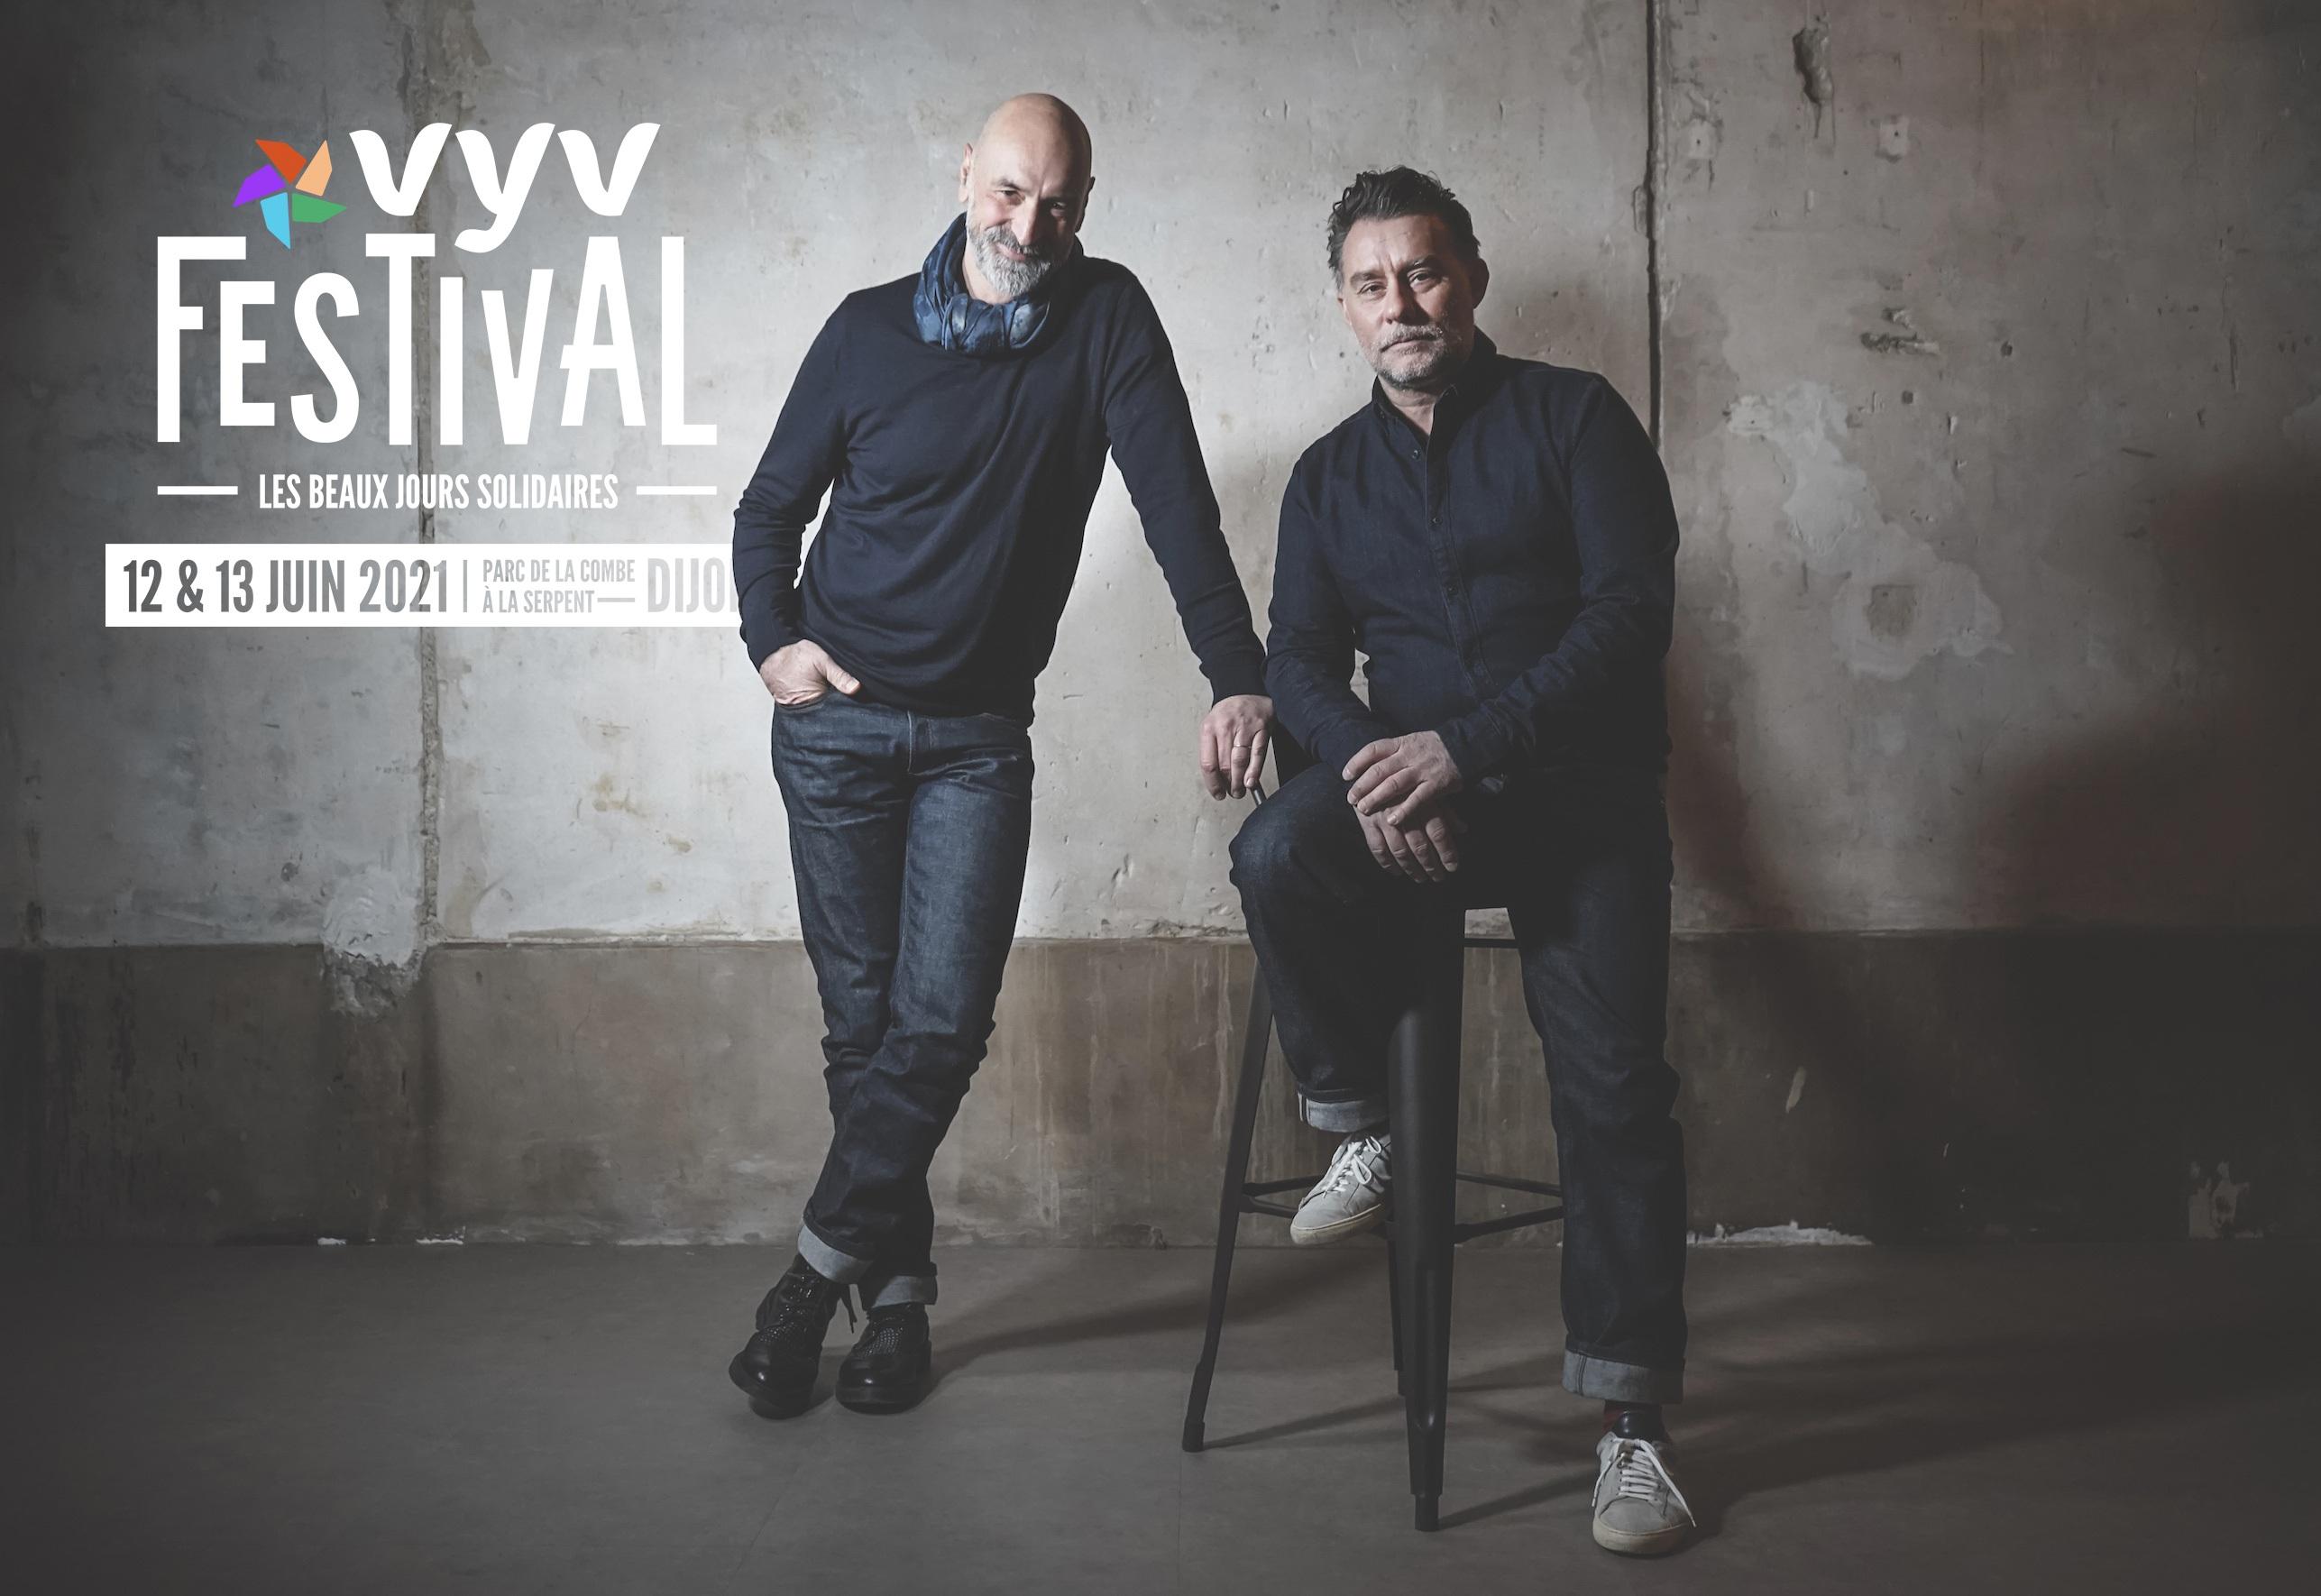 Pierre Clément et Christian Allex : « Vyv Festival 2021 est là pour amener du rêve »